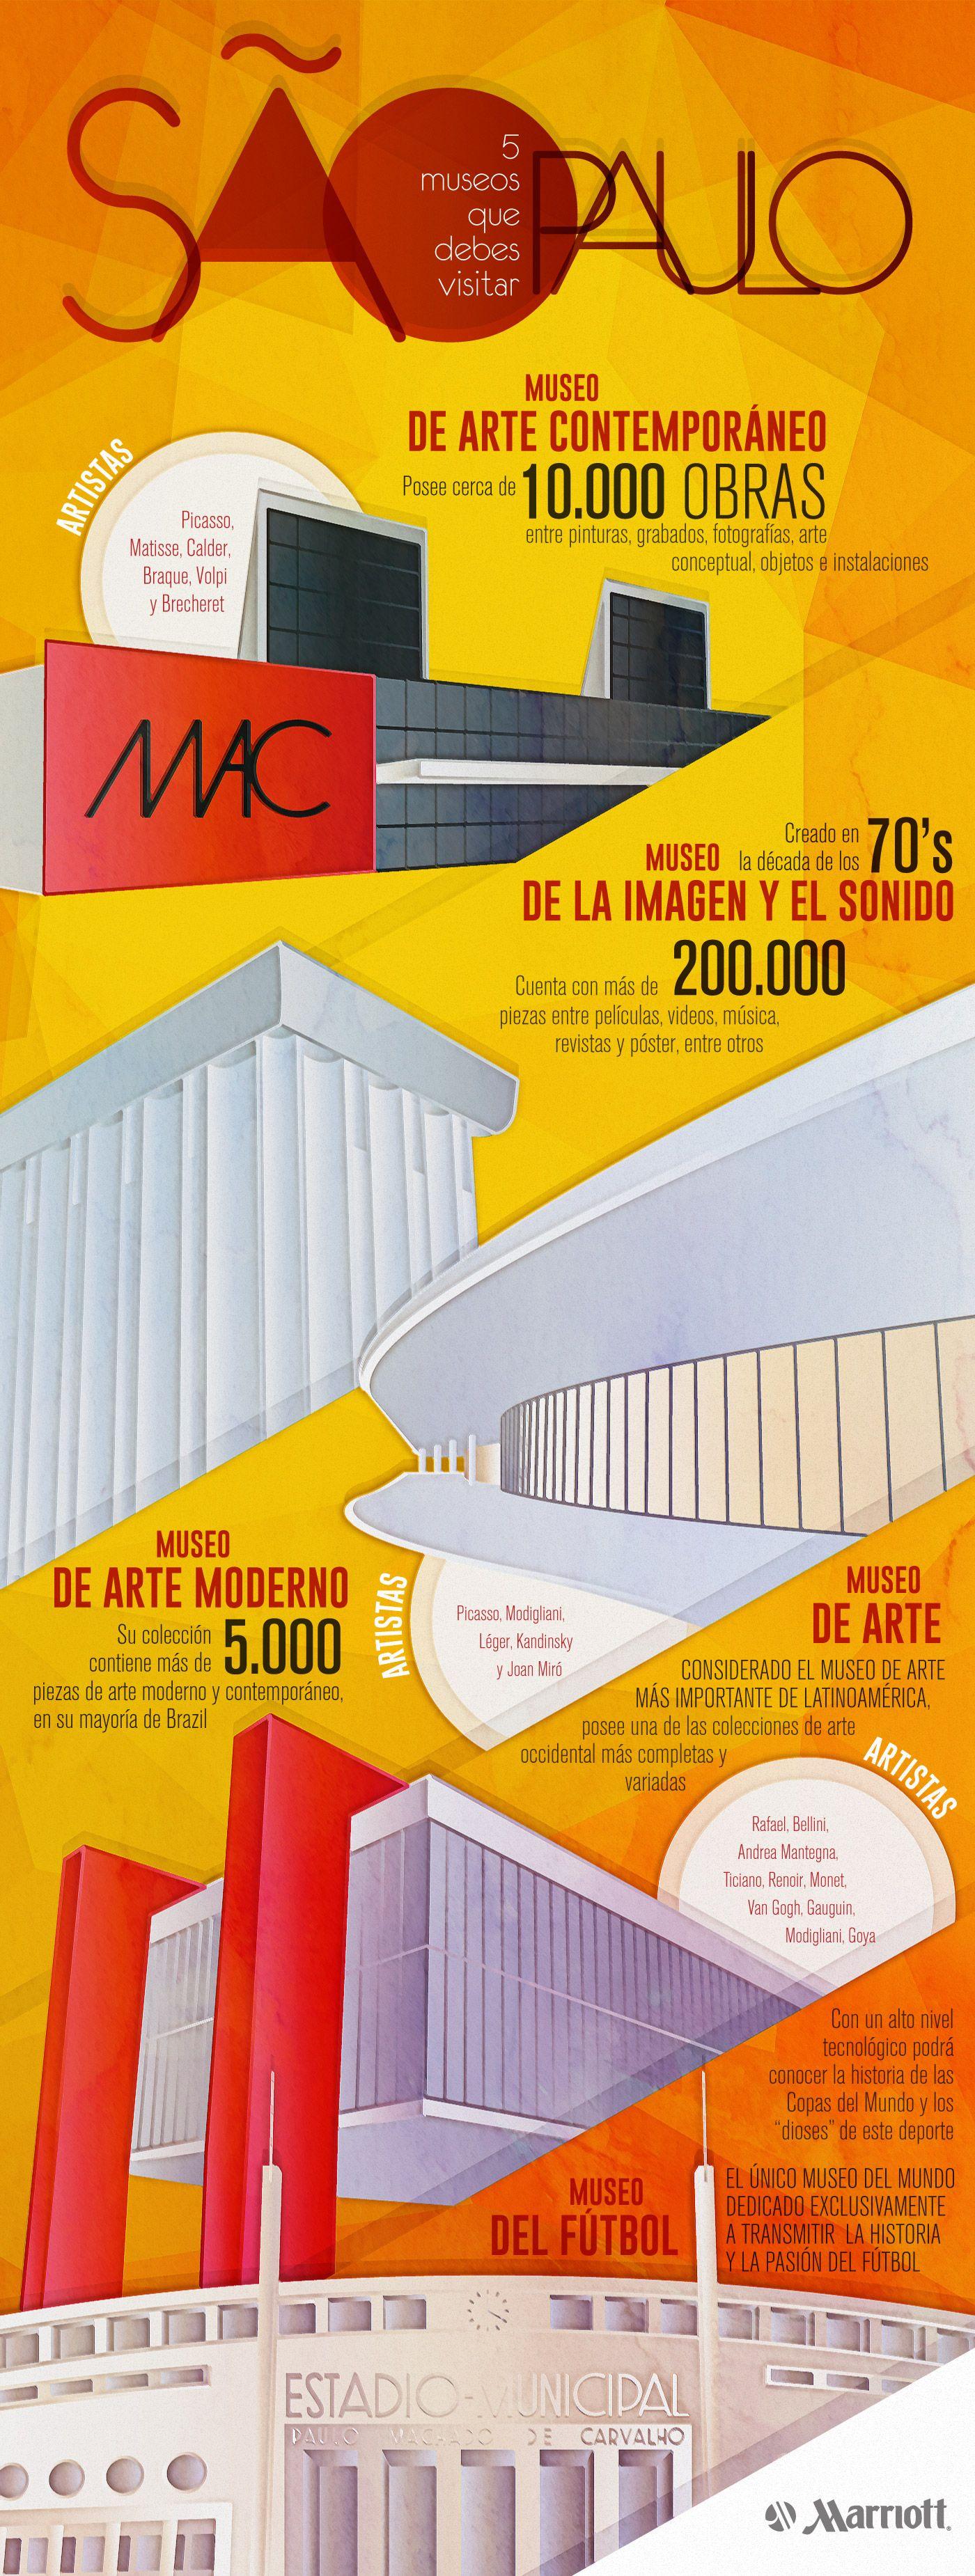 Si deseas conocer lo mejor del turismo cultural de Sao Paulo, entonces descubre en nuestra infografía esos 5 museos que tienes que visitar durante tu estadía en esta vibrante ciudad. #SaoPaulo #Brazil #Vacaciones #Turismo #Travel #Museos #Marriott #HotelMarriott #Infographic